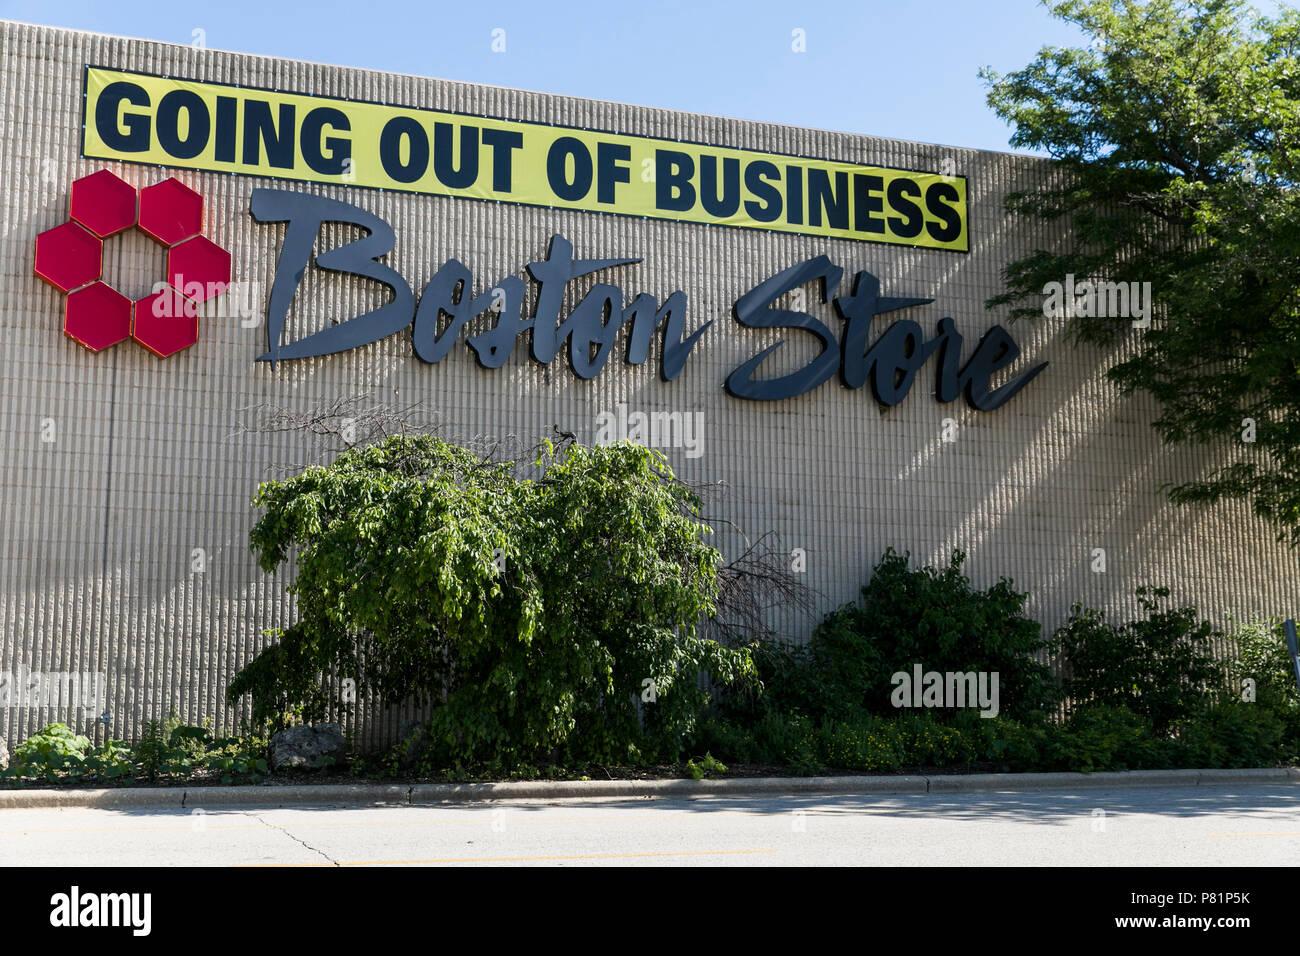 """Un """"Salir de negocio"""" signo exterior de un Boston Store tienda en Racine, Wisconsin, el 23 de junio de 2018. Imagen De Stock"""